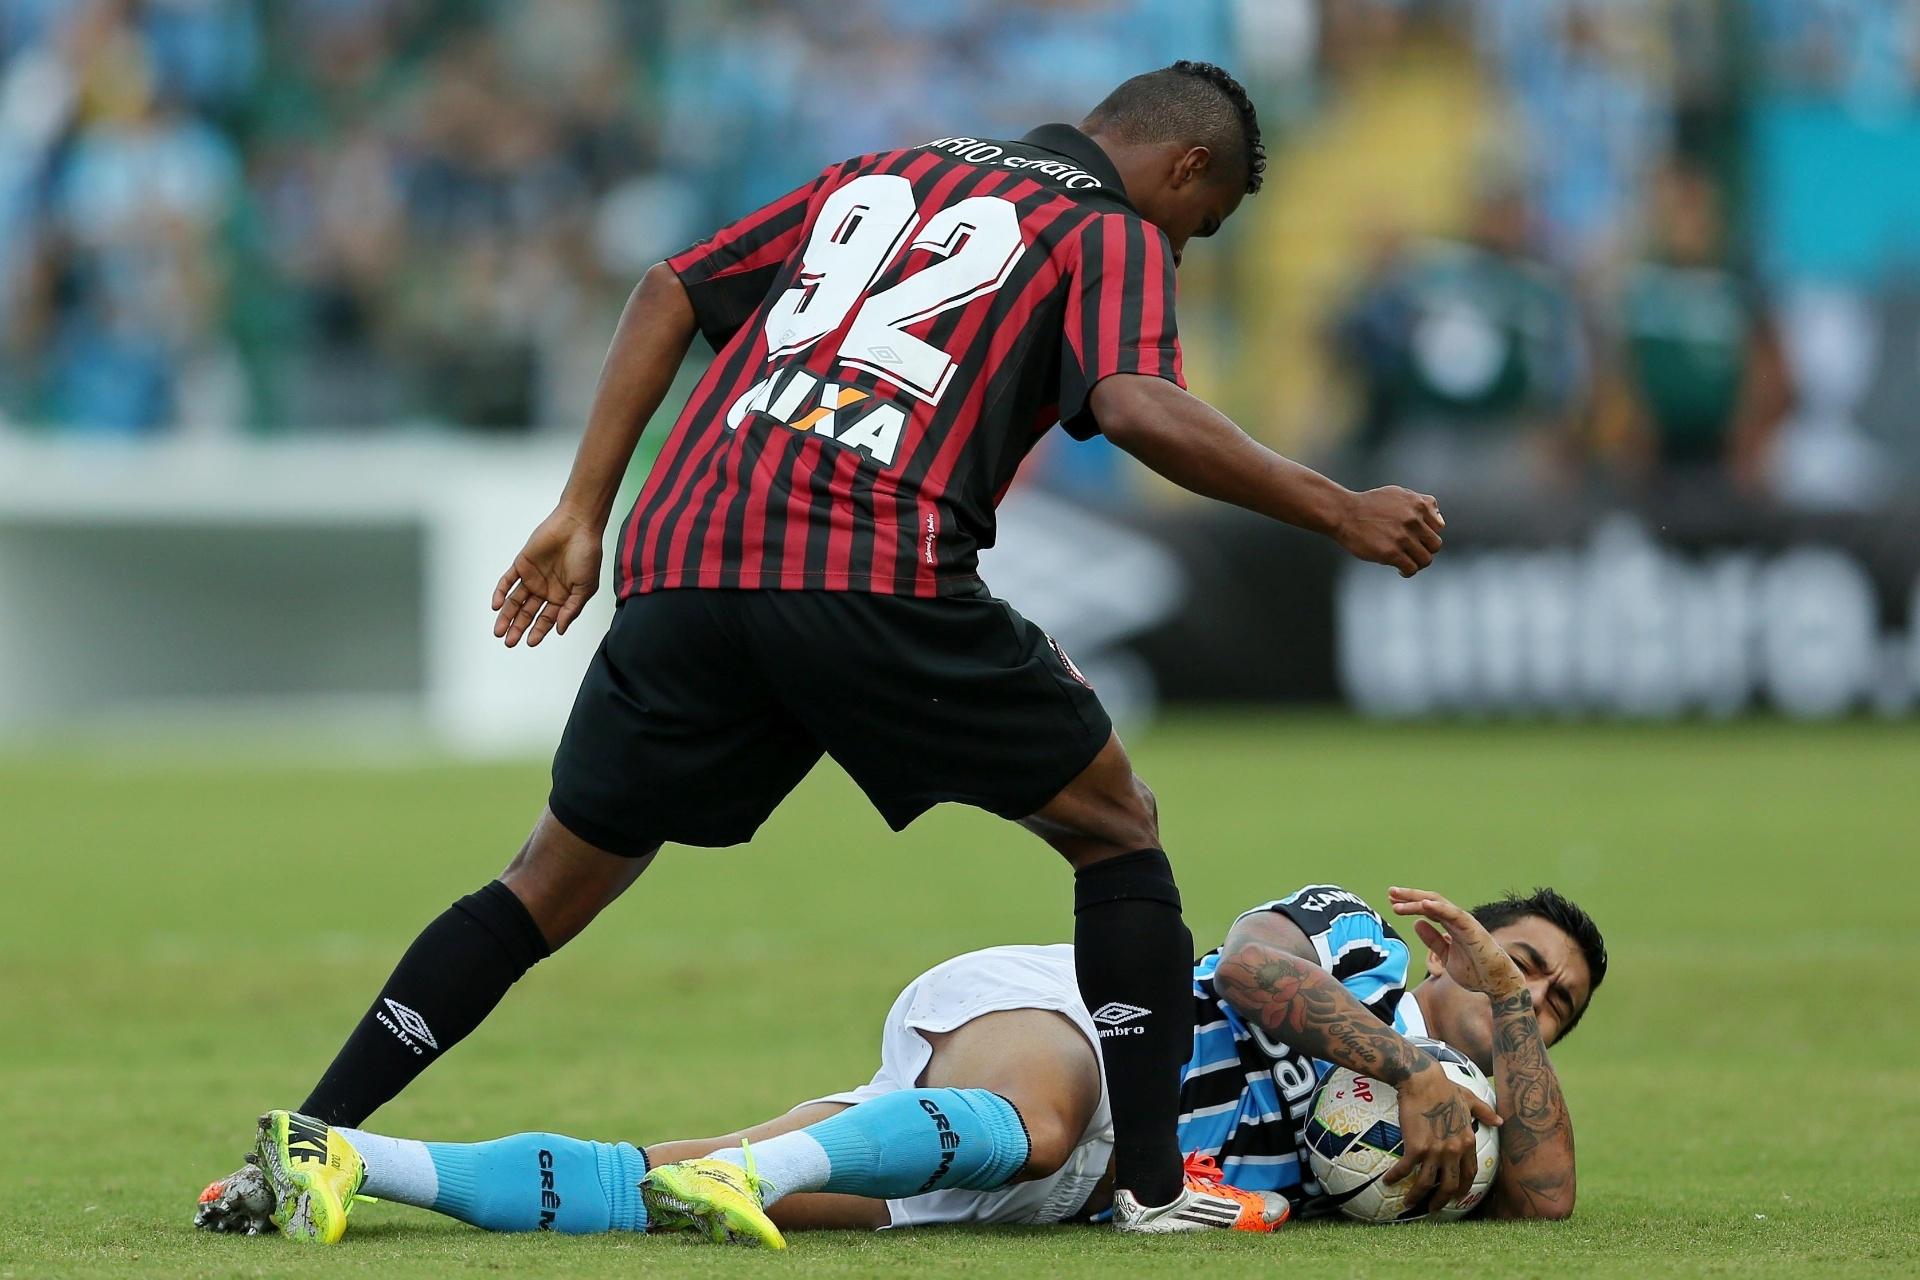 20.abr.2014 - Dudu, do Grêmio, agarra a bola no chão após sofrer falta de Mario Sergio, do Atlético-PR